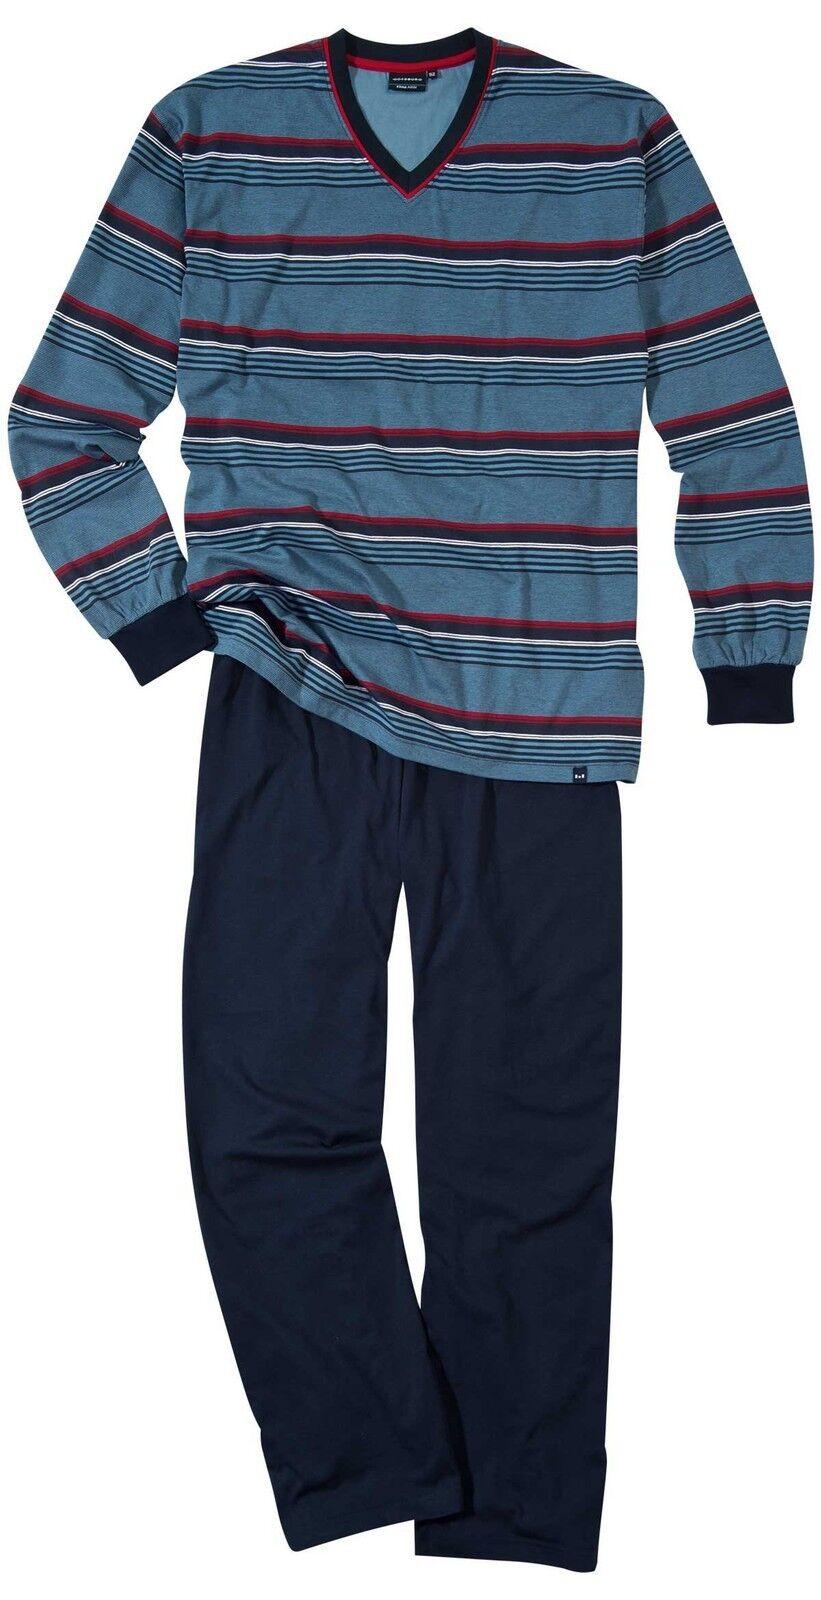 Götzburg Herren Schlafanzug Pyjama  navy navy navy 451565 8426 | Spielen Sie das Beste  fa1a3b